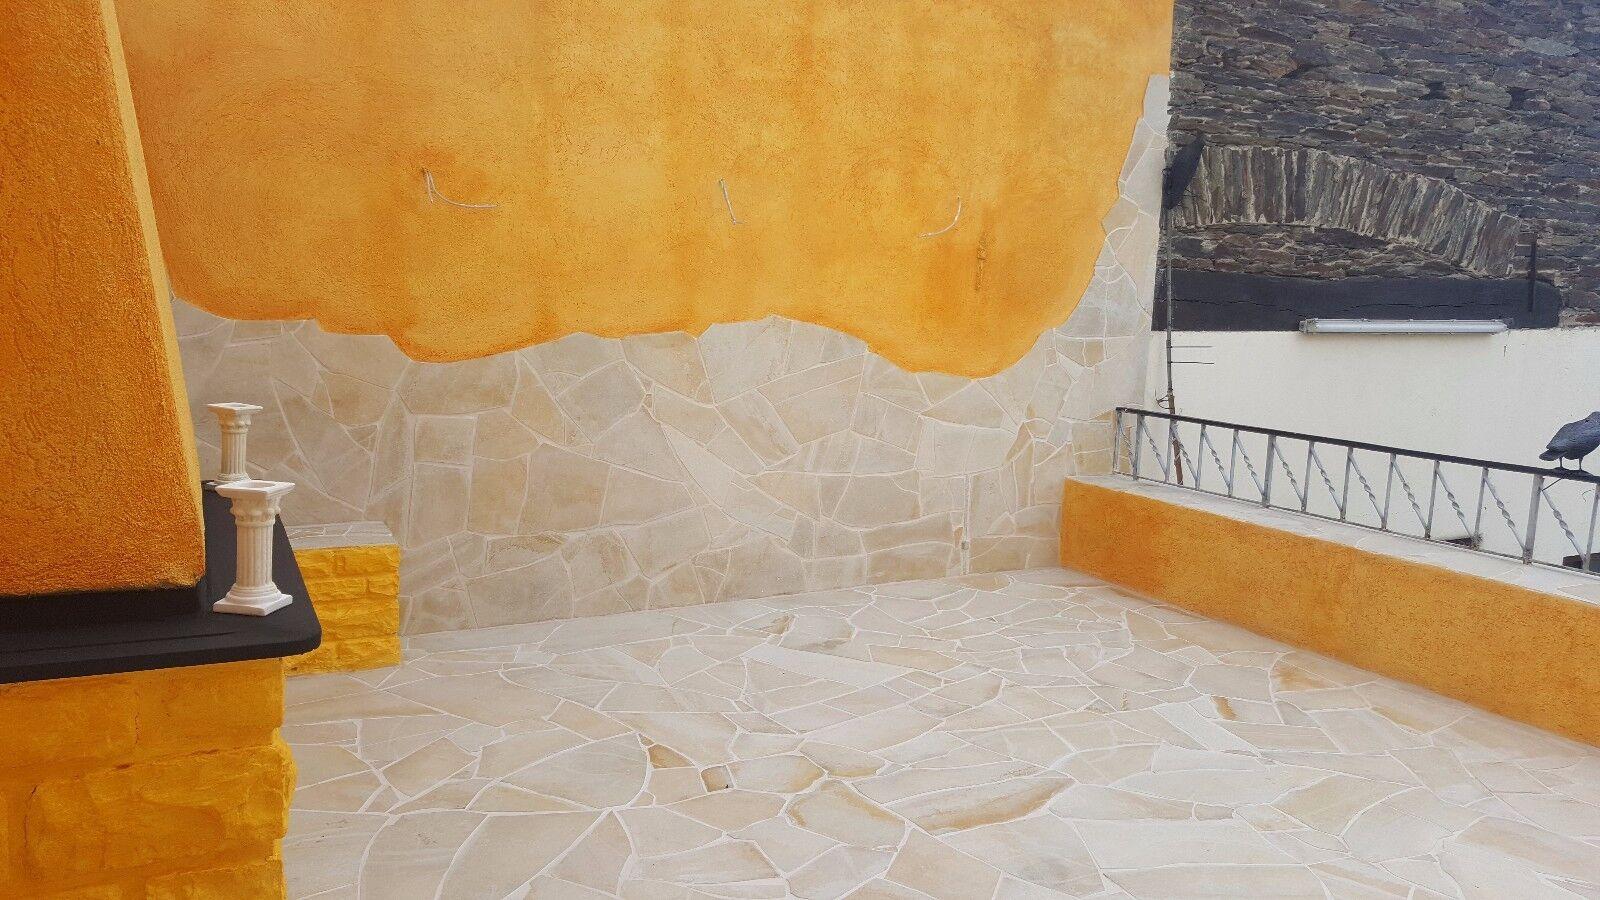 Toscana crema Polygonalplatten 100m² Naturstein Wandverkleidung Pool